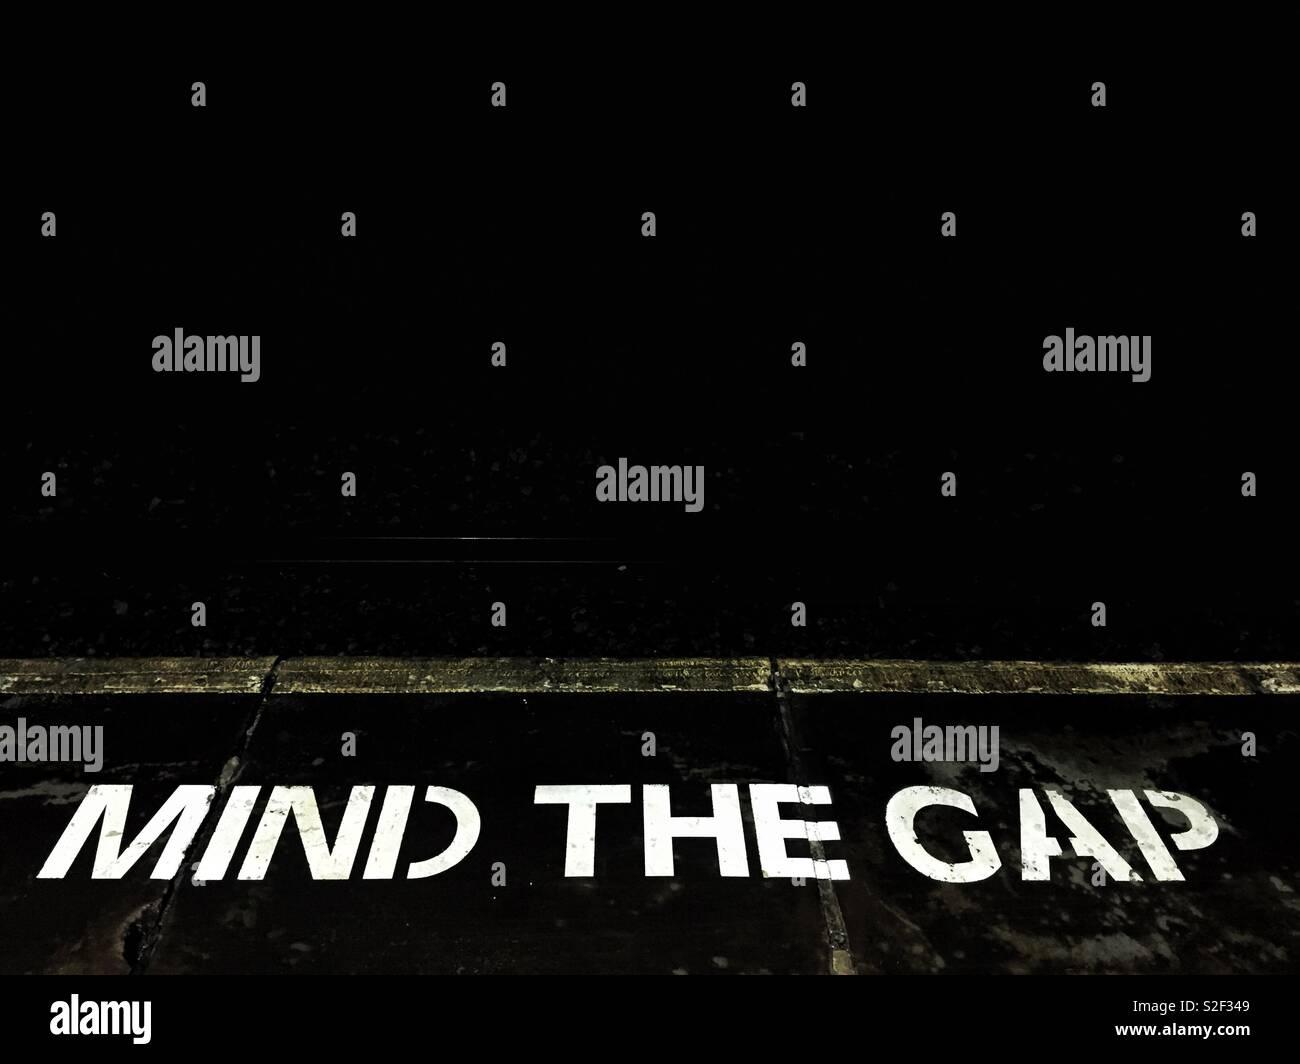 Um sinal no chão de uma plataforma ferroviária de passageiros aviso à mente o fosso Imagens de Stock